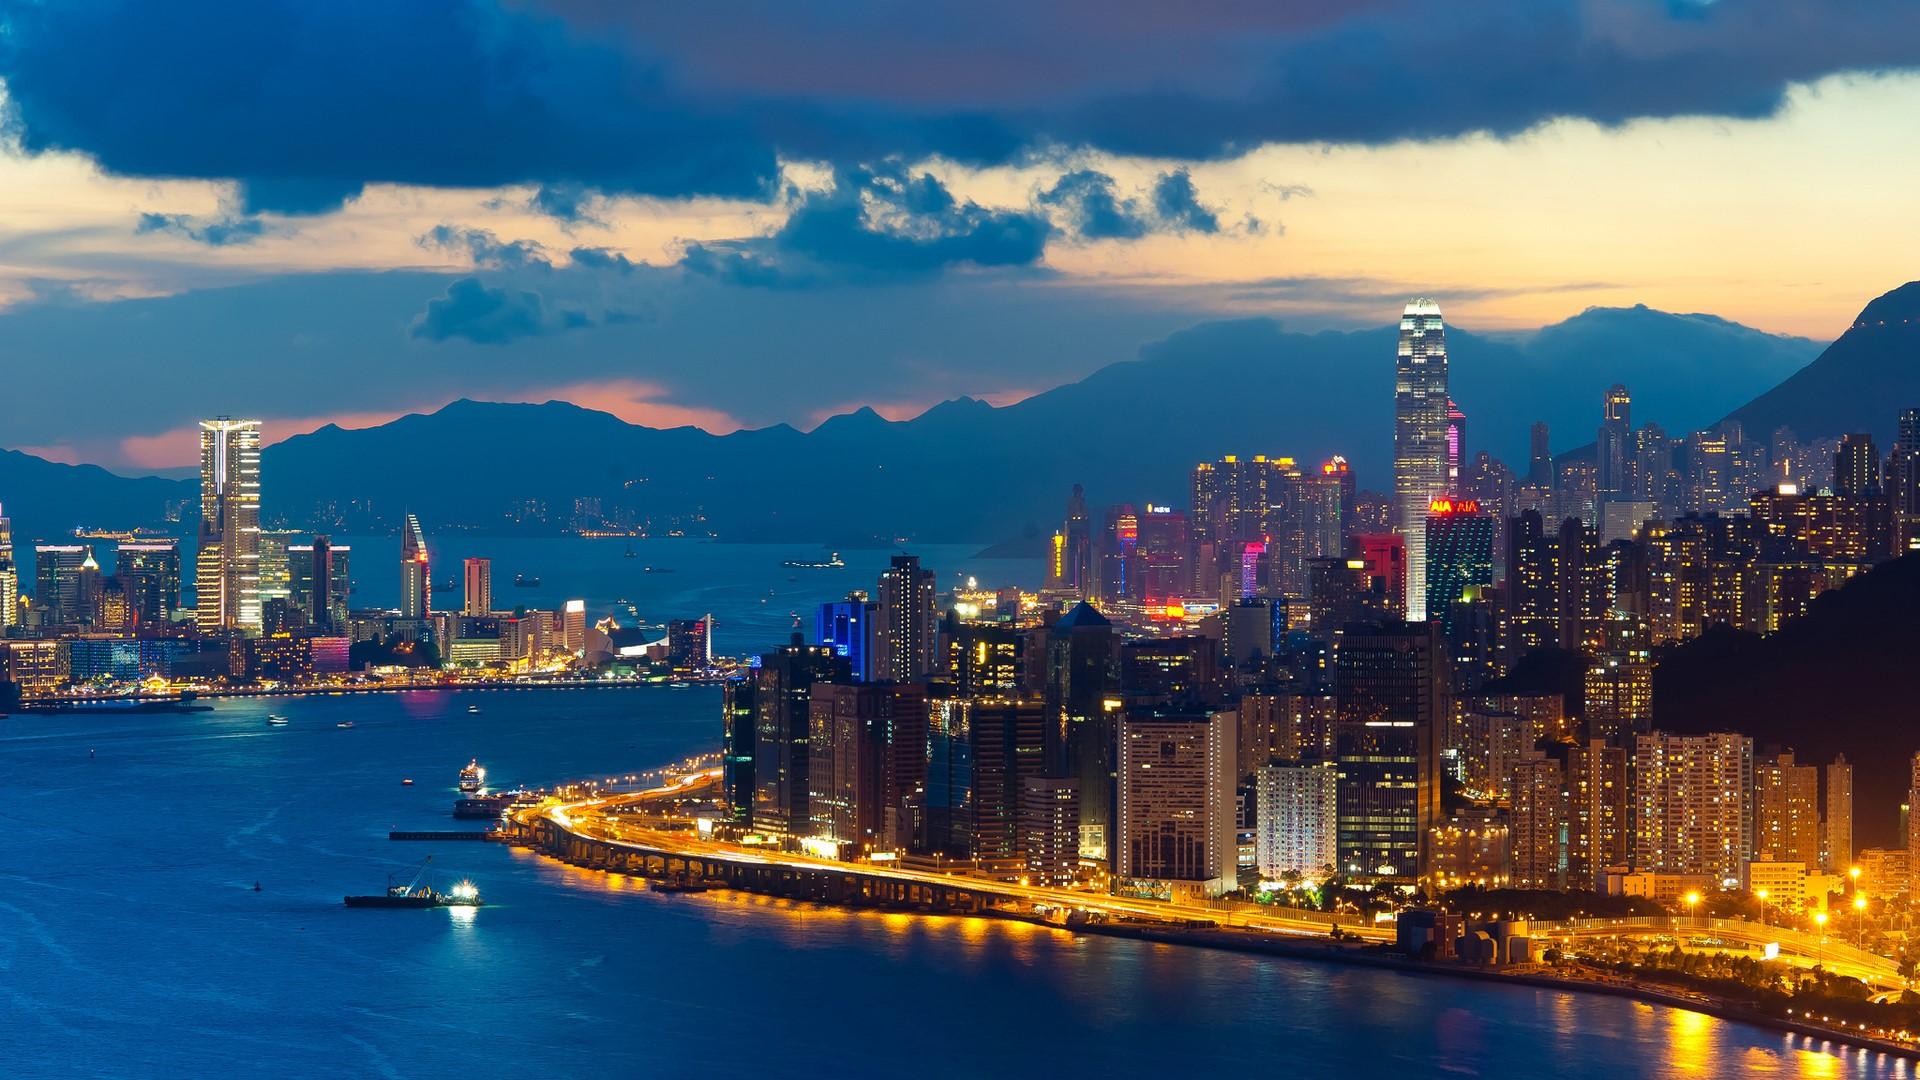 这么多人选择香港留学,出路在哪?香港留学还有优势吗